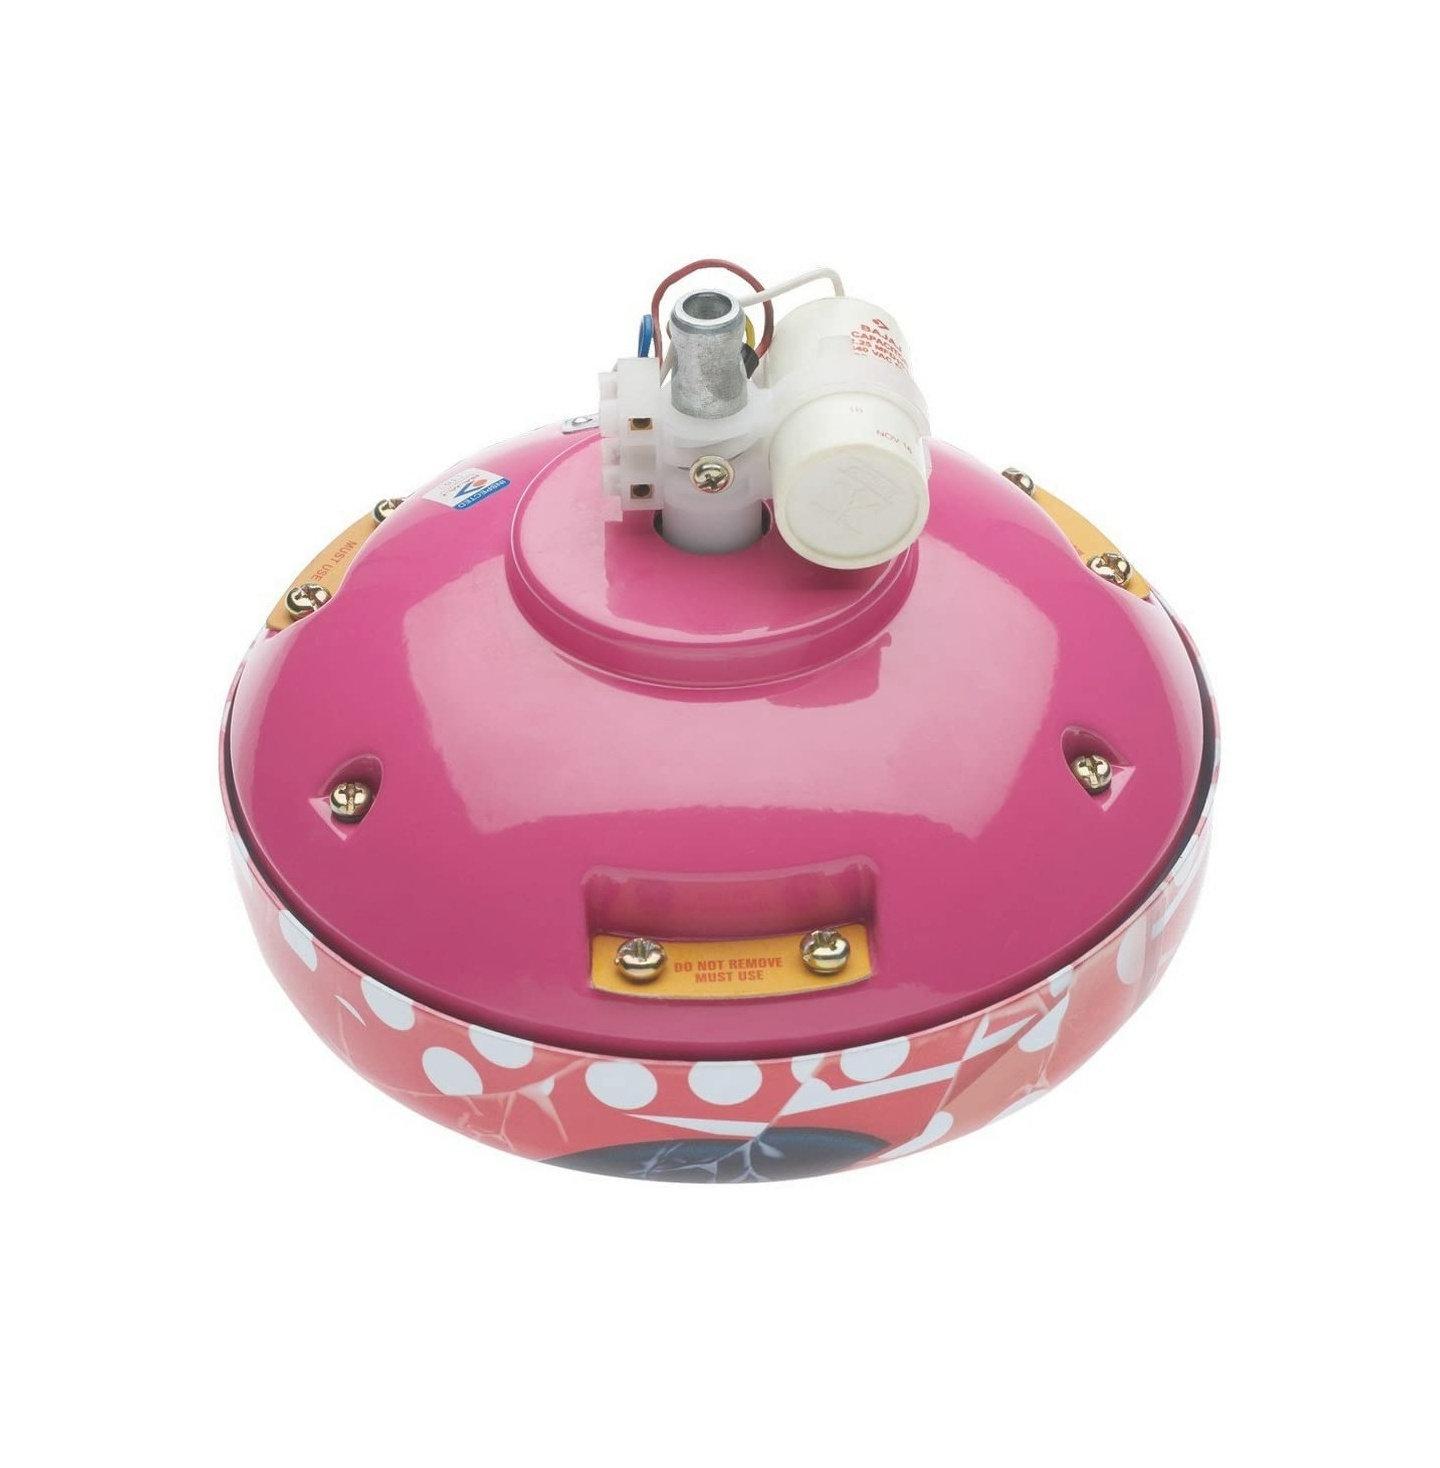 Bajaj Disney Minnie Mouse 1200mm Ceiling Fan Newjaspal Electrical